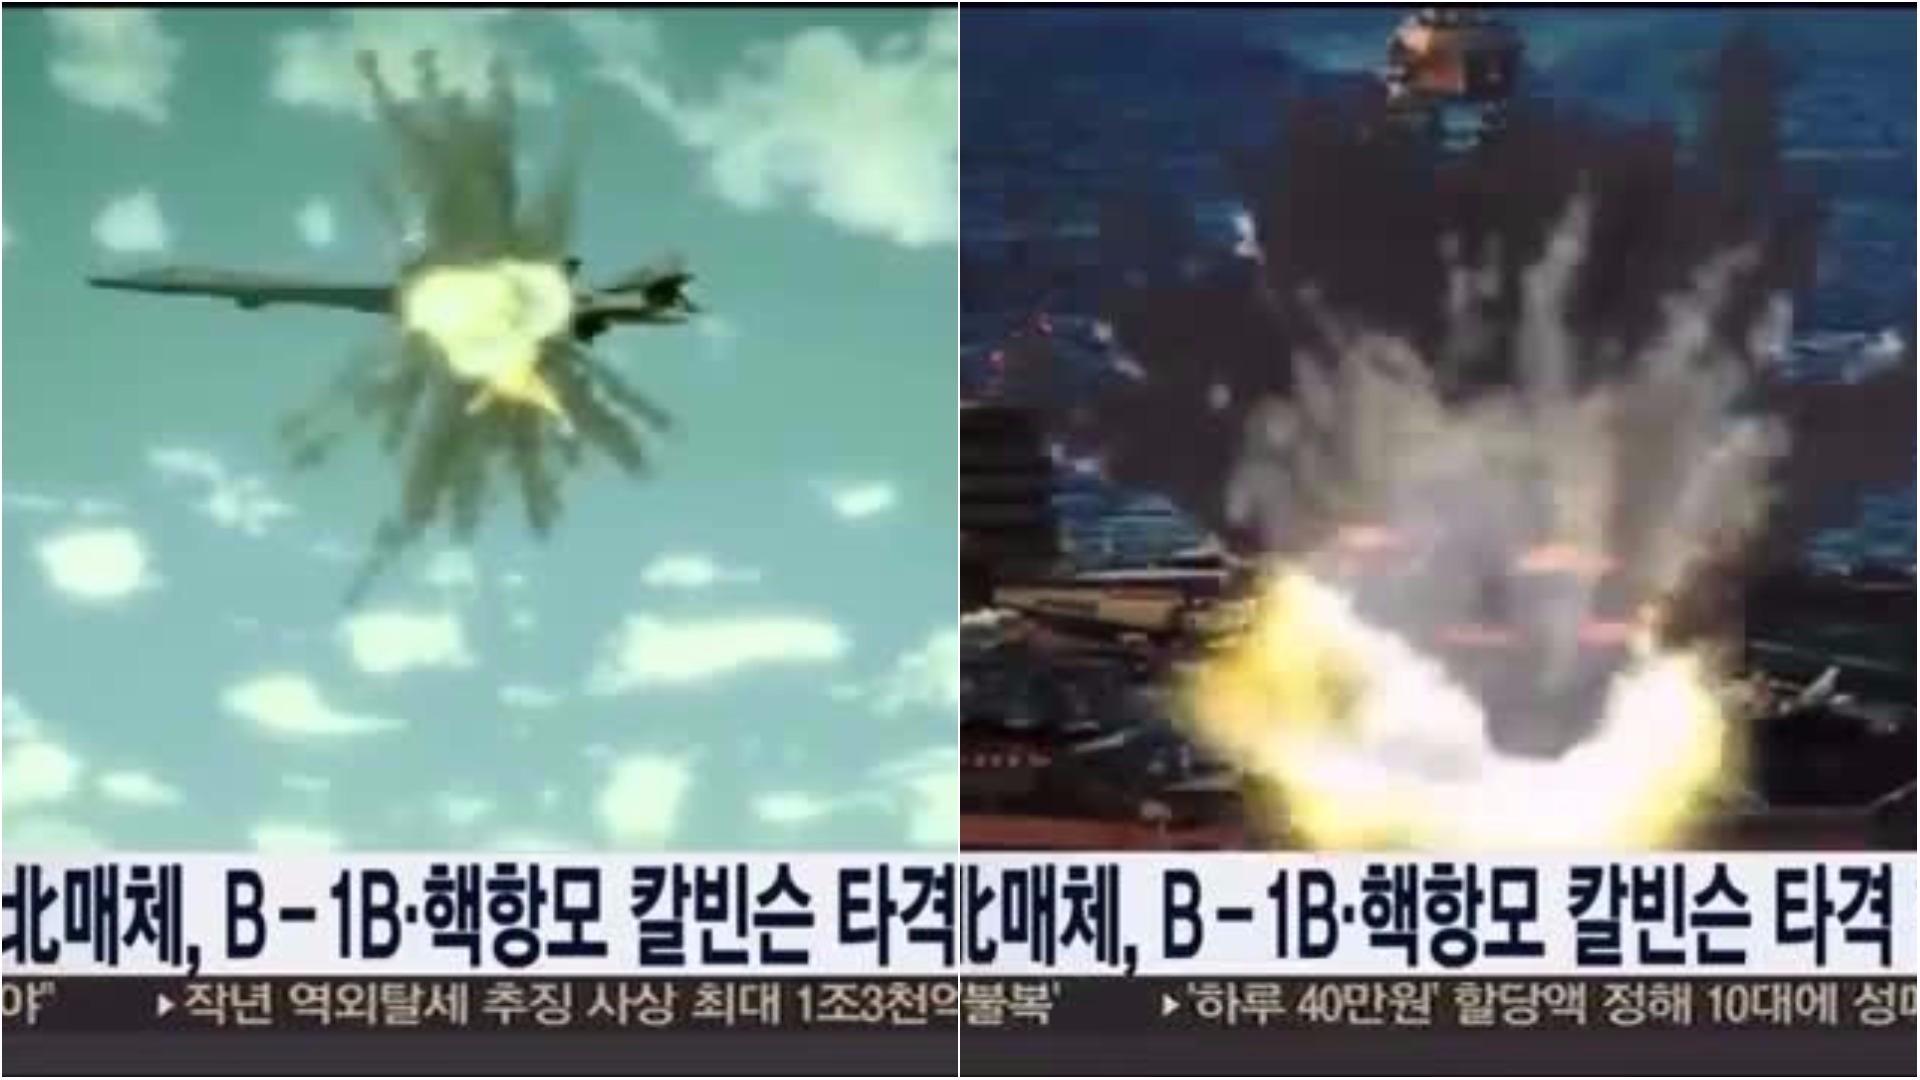 Corea del Norte vuelve a provocar a los Estados Unidos.